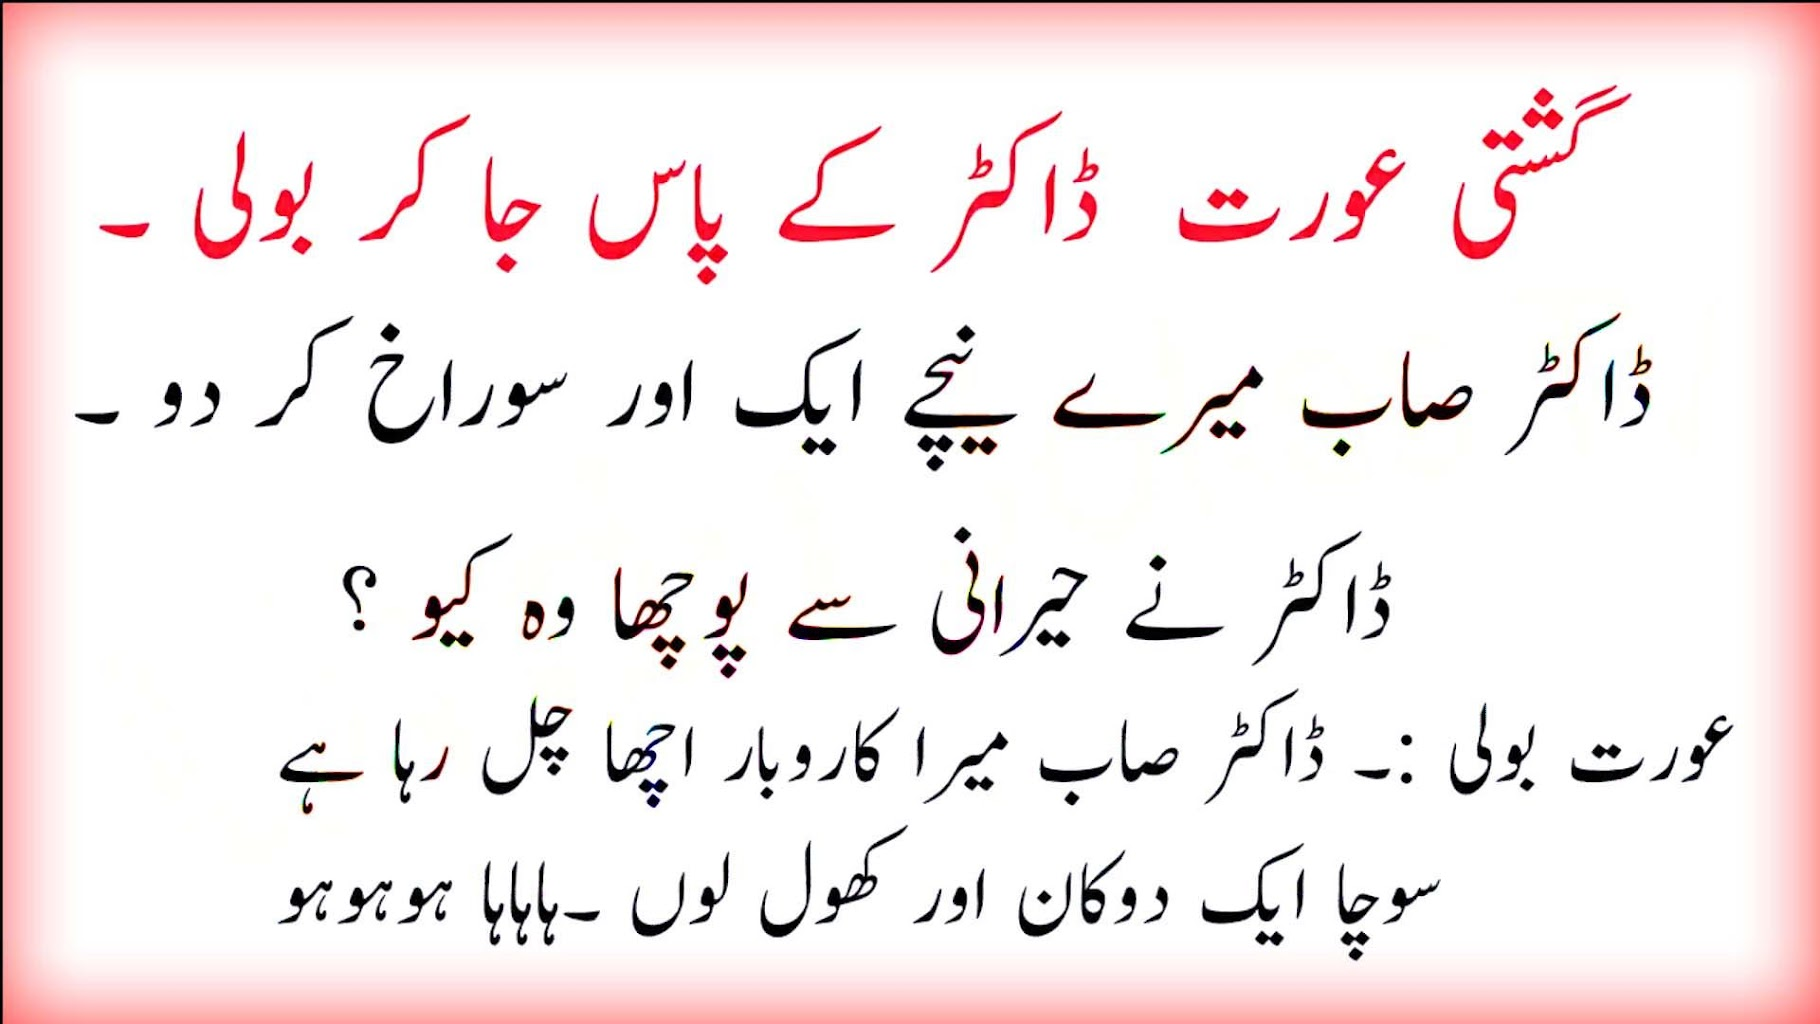 Urdu Mazahiya Dirty Jokes Ganday Lateefay 2018 1 0 Apk Download Com Thunkable Android Iqtuber Gandeylateefay Apk Free